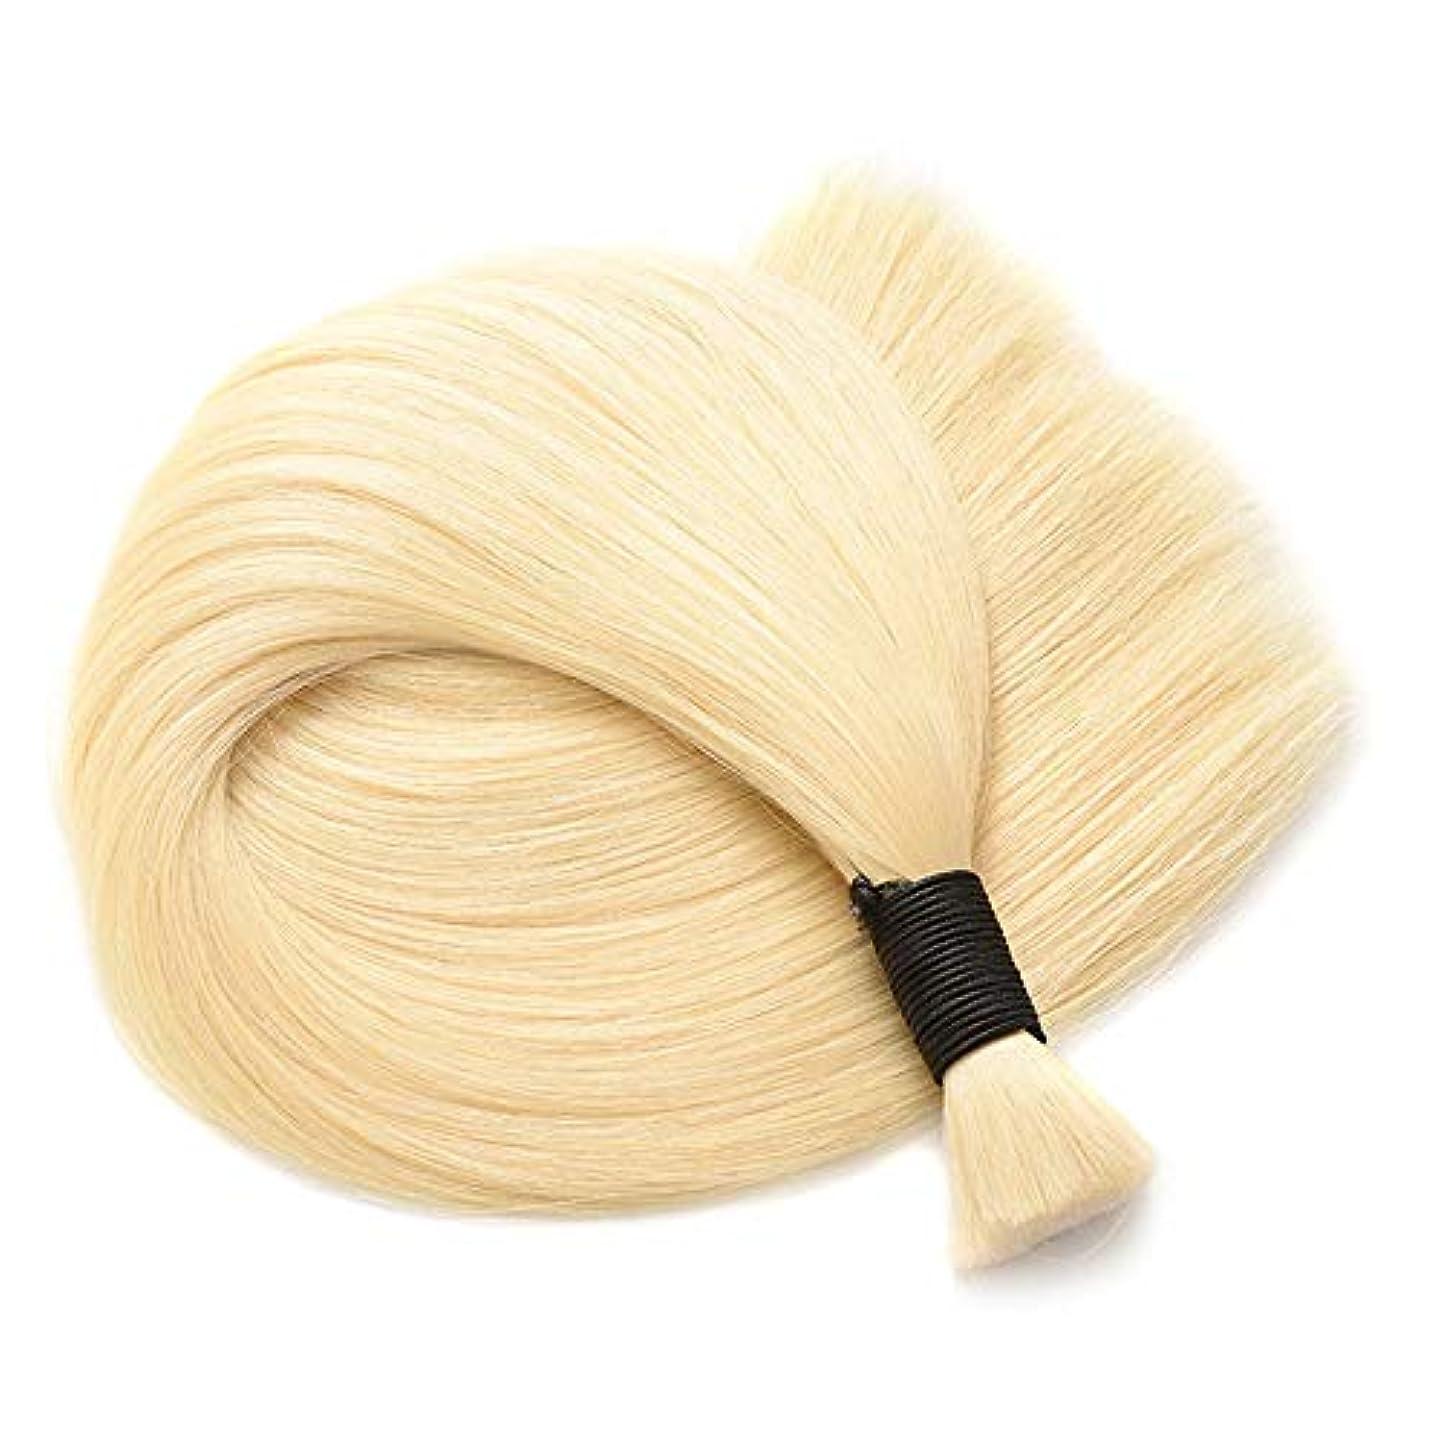 テナント衣装ナイトスポットWASAIO ヘアエクステンションクリップのシームレスな人間の髪の拡張機能ブロンドナノビーズヘアエクステンション有形ストレート髪の100グラム/パックゴールド (色 : Blonde, サイズ : 16 inch)